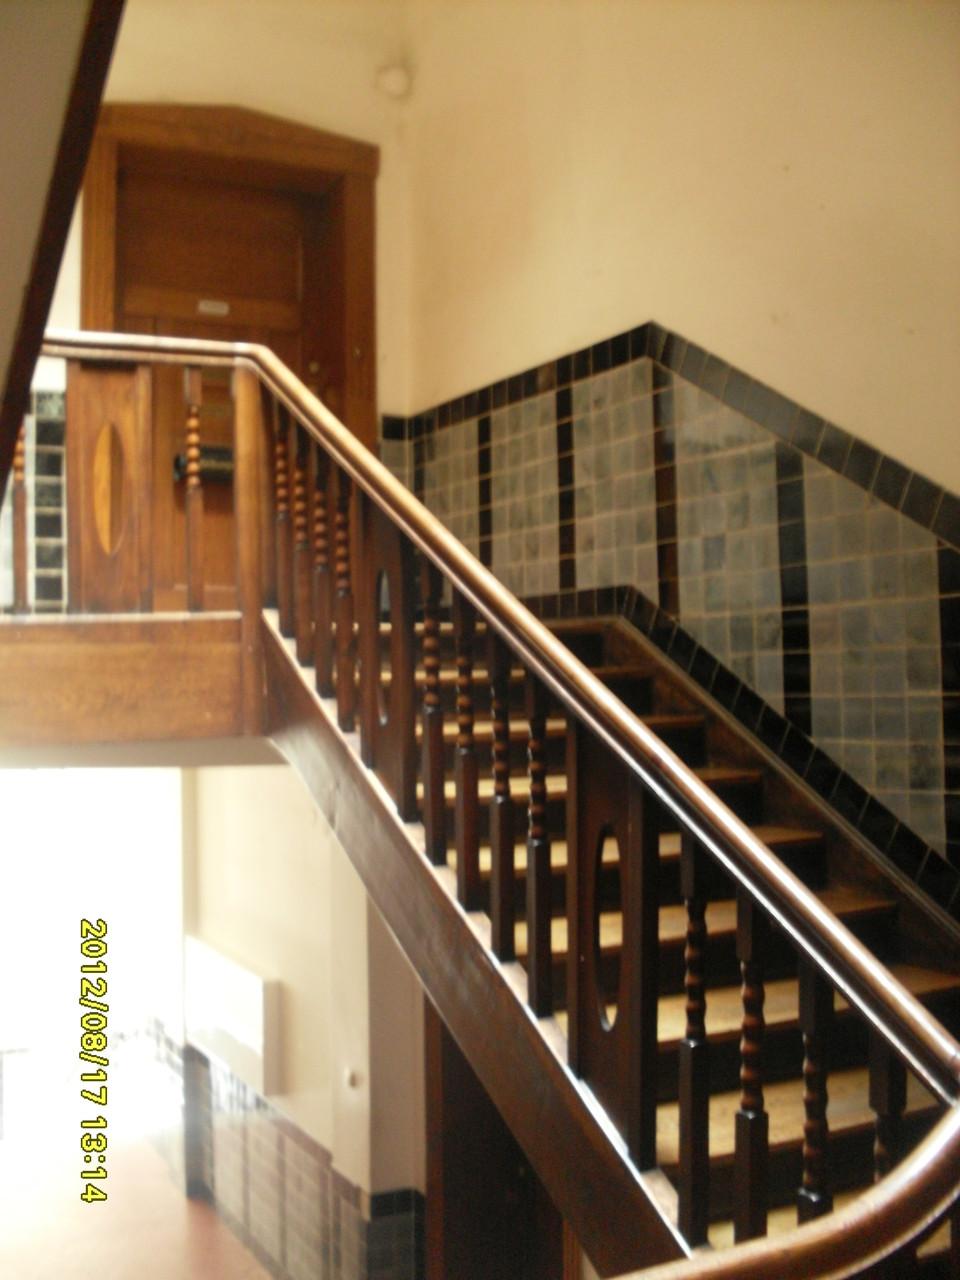 Treppenhaus, Eingangstüre zur 222qm-8 Zi.-Whg., die zuvor dem Maler und Kunstprofessor Fritz Burger gehörte.